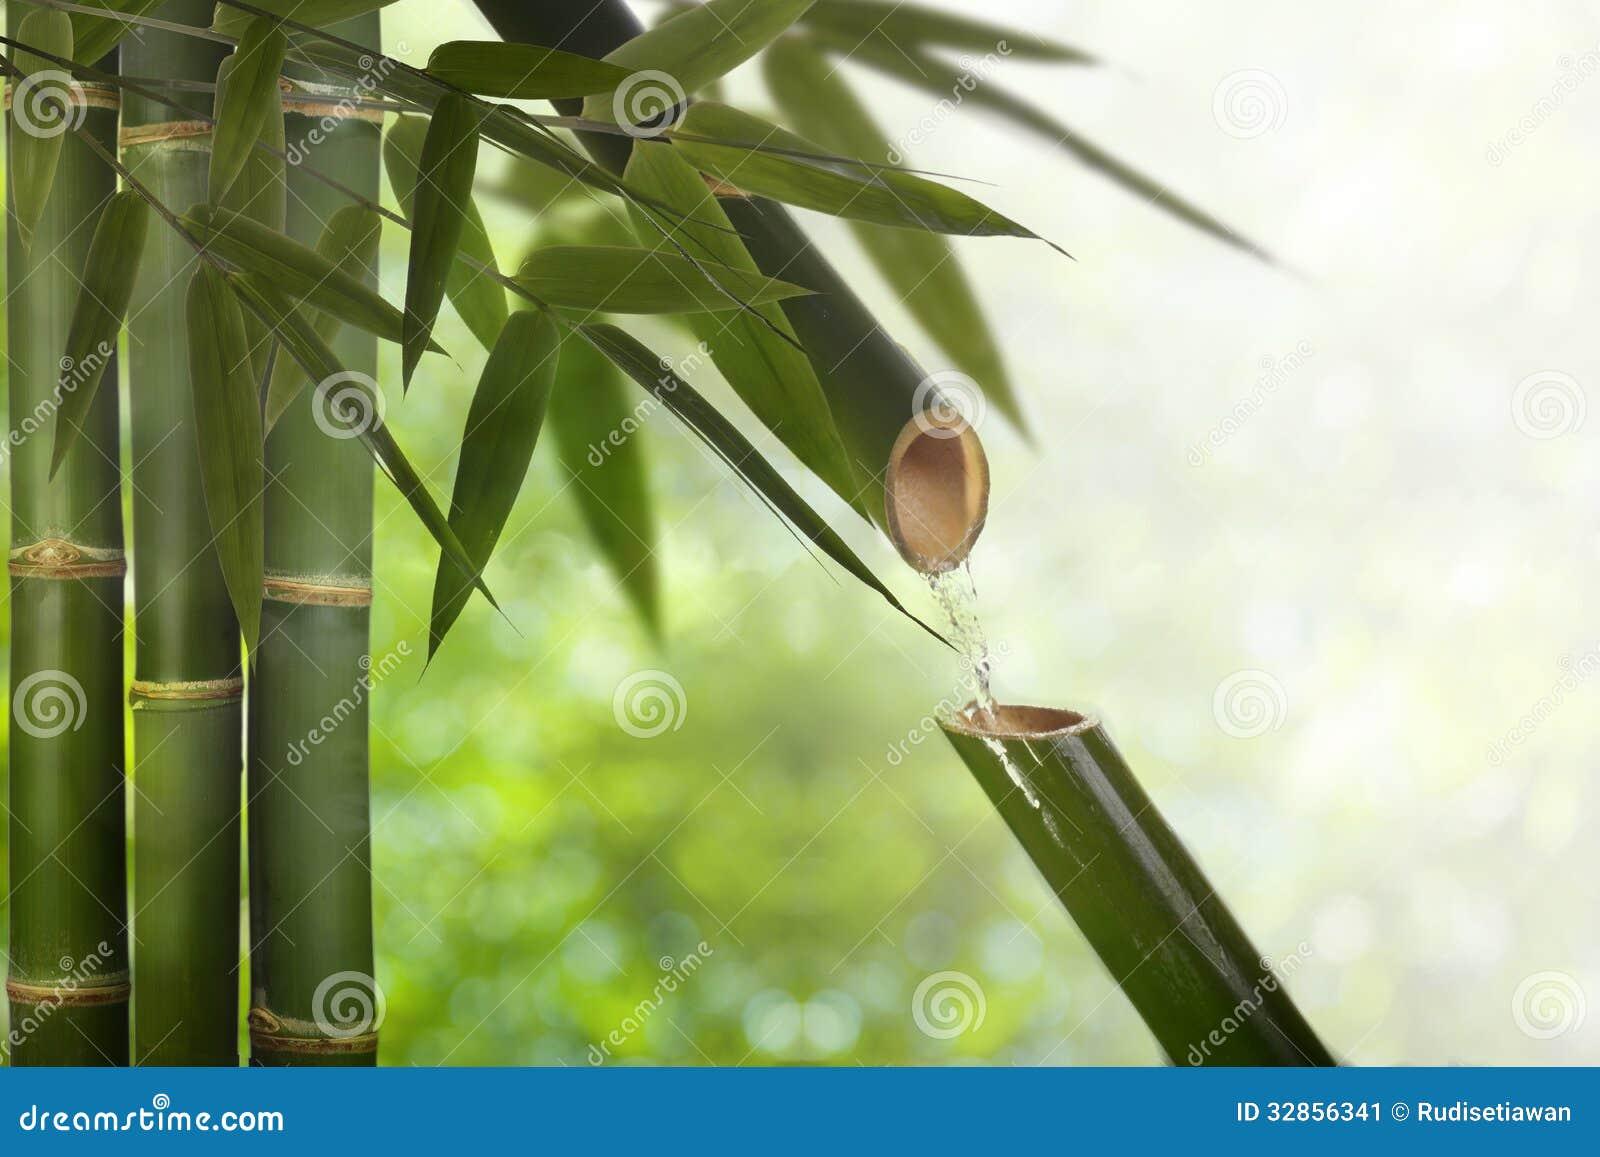 fontaine en bambou de zen image stock image du jardin 32856341. Black Bedroom Furniture Sets. Home Design Ideas